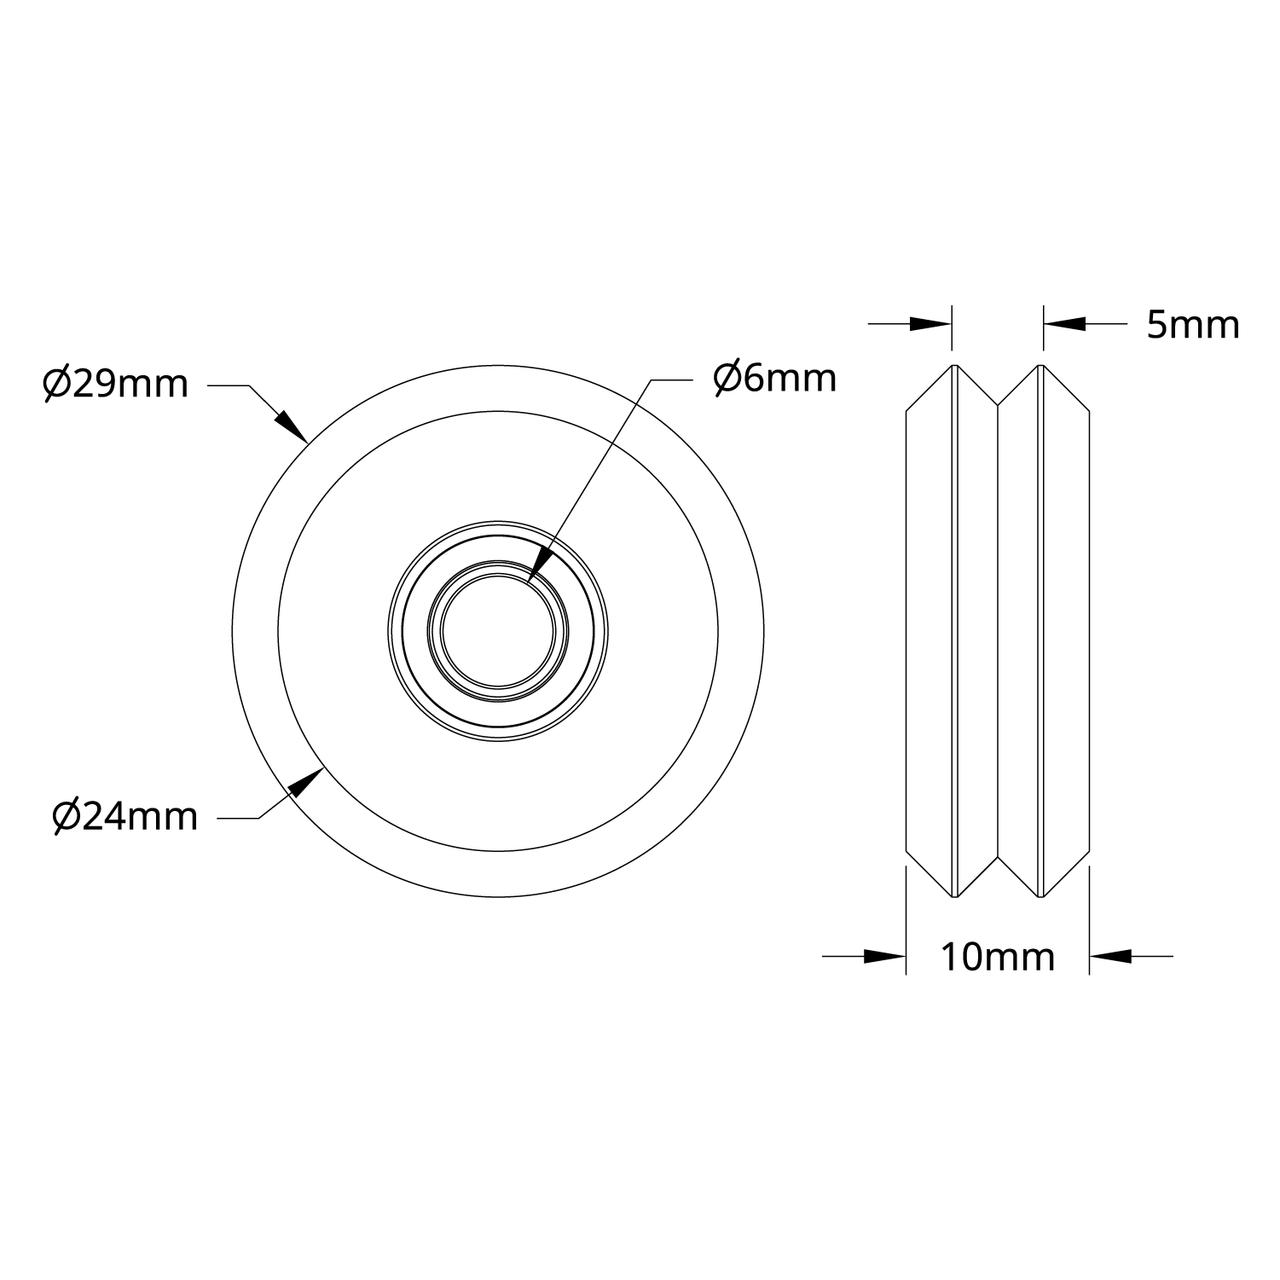 medium resolution of  29mm 3600 0006 2910 schematic